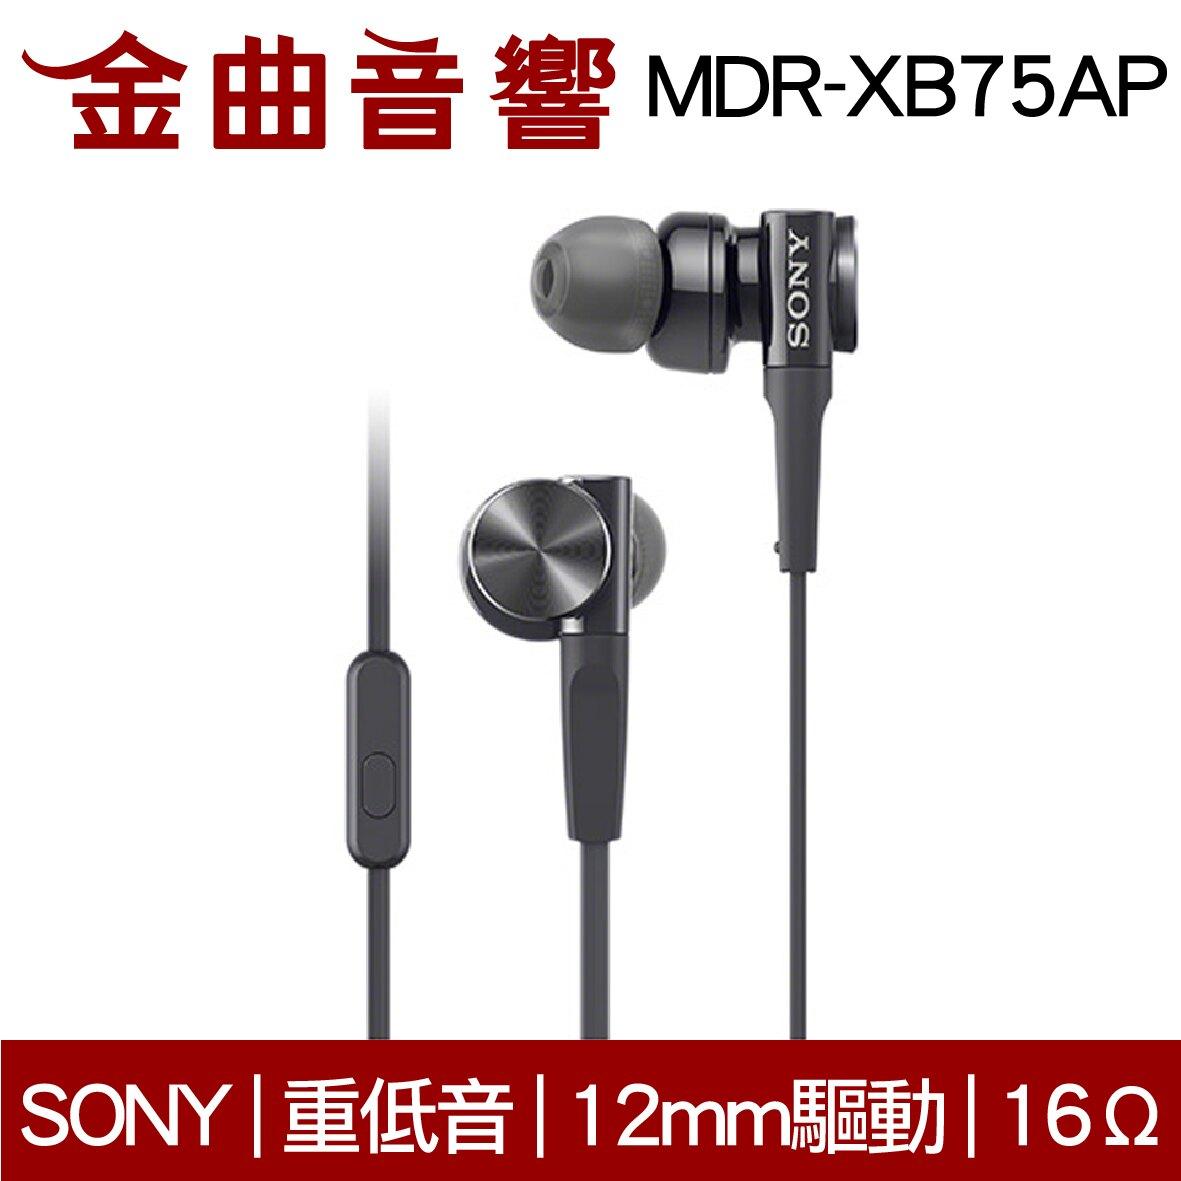 MDR-XB75AP 兩色可選 支援智慧型手機 重低音 耳道式耳機